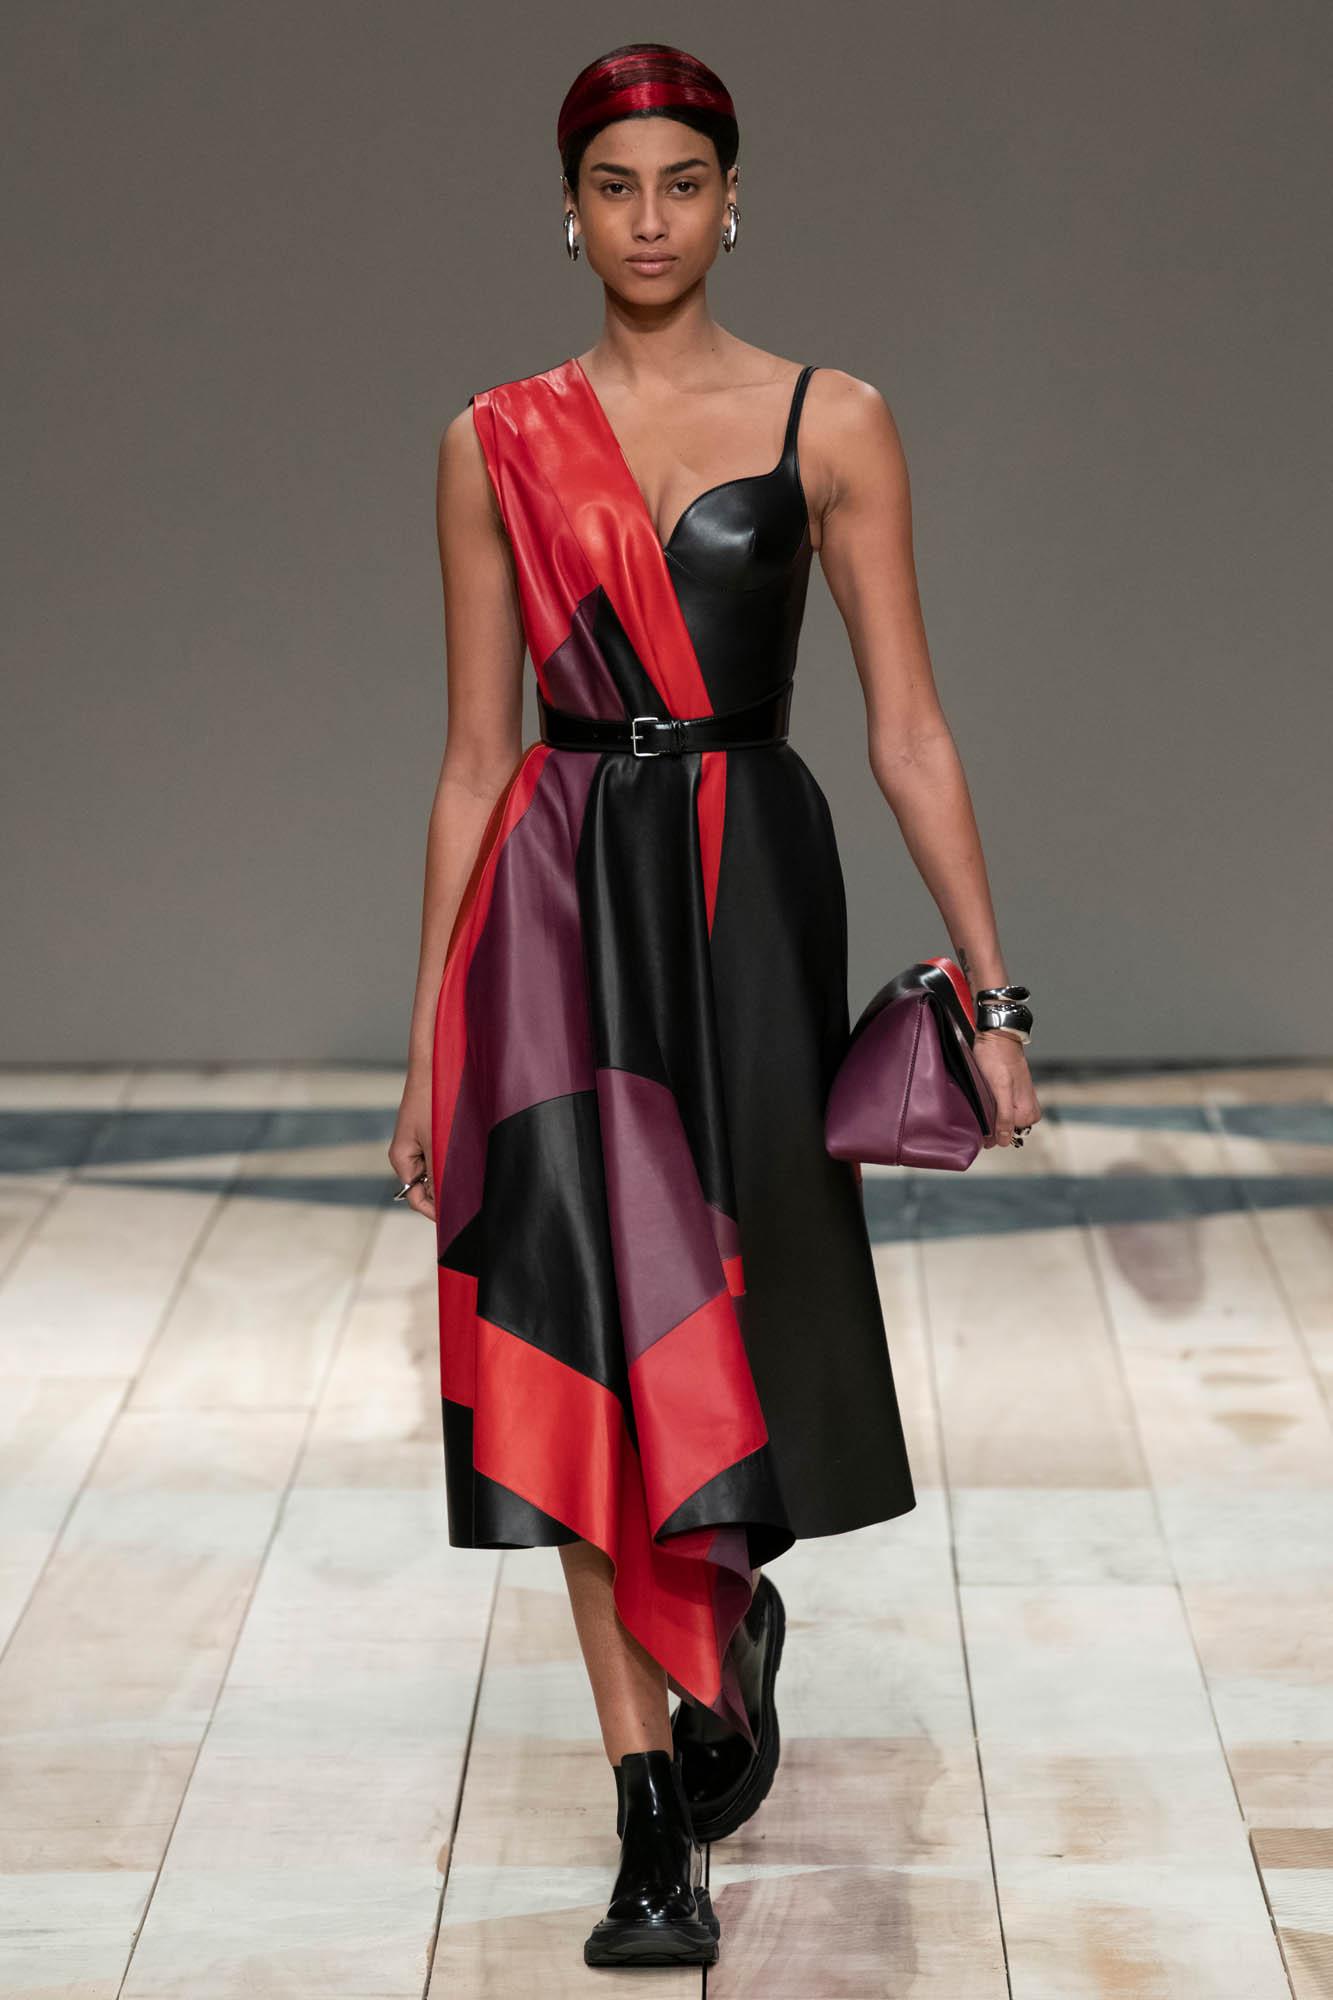 Alexander McQueen FW 2020 Womenswear